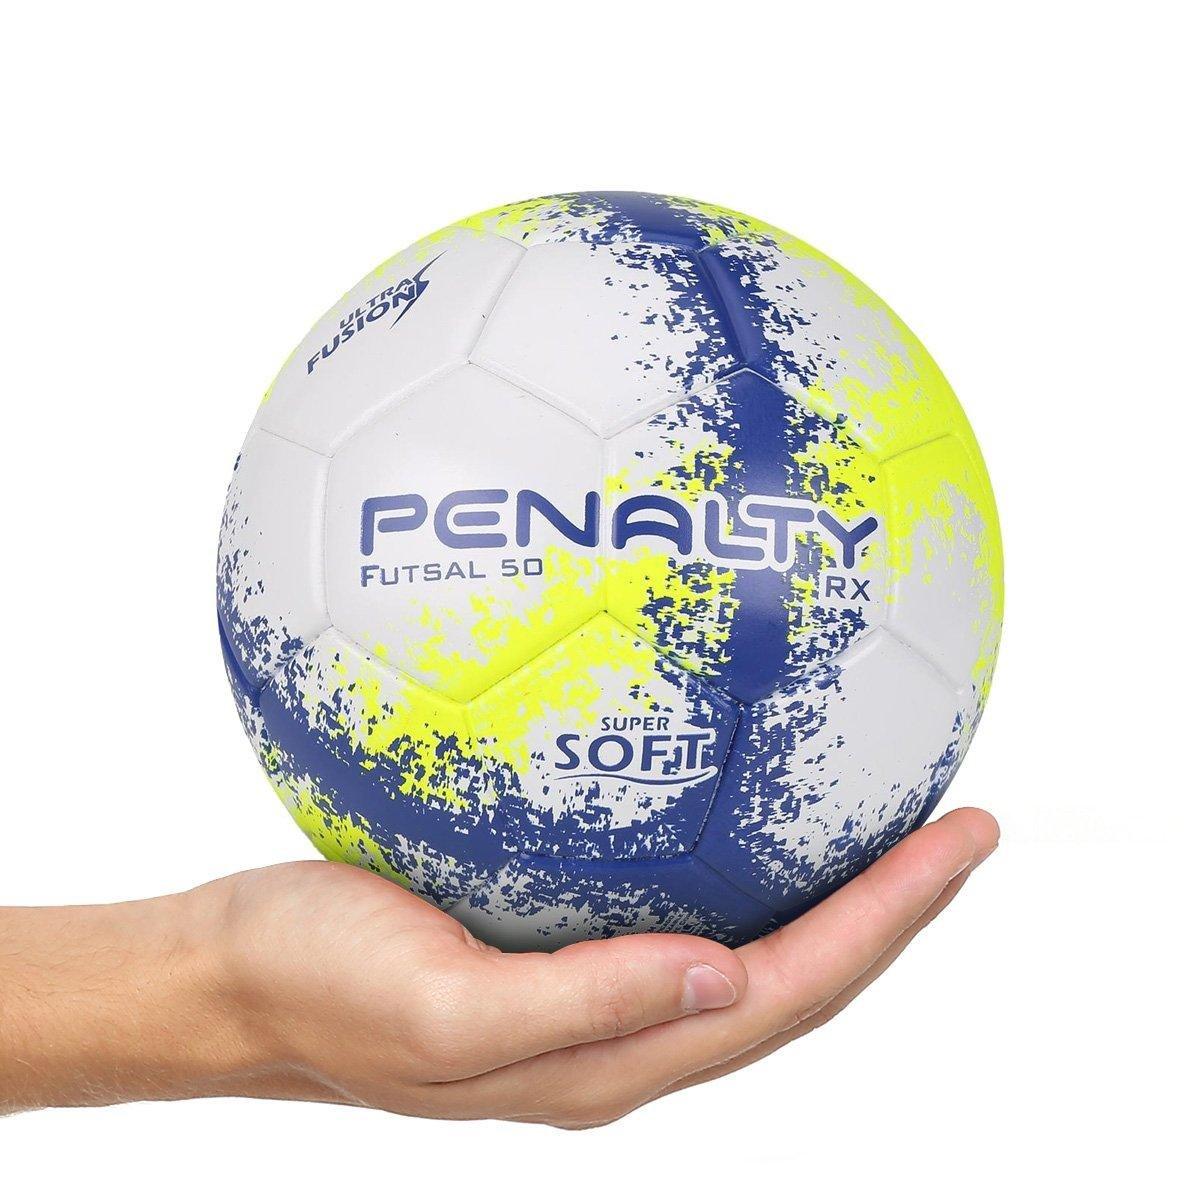 d1ad49d2e7 Bolas Penalty Masculinas - Melhores Preços